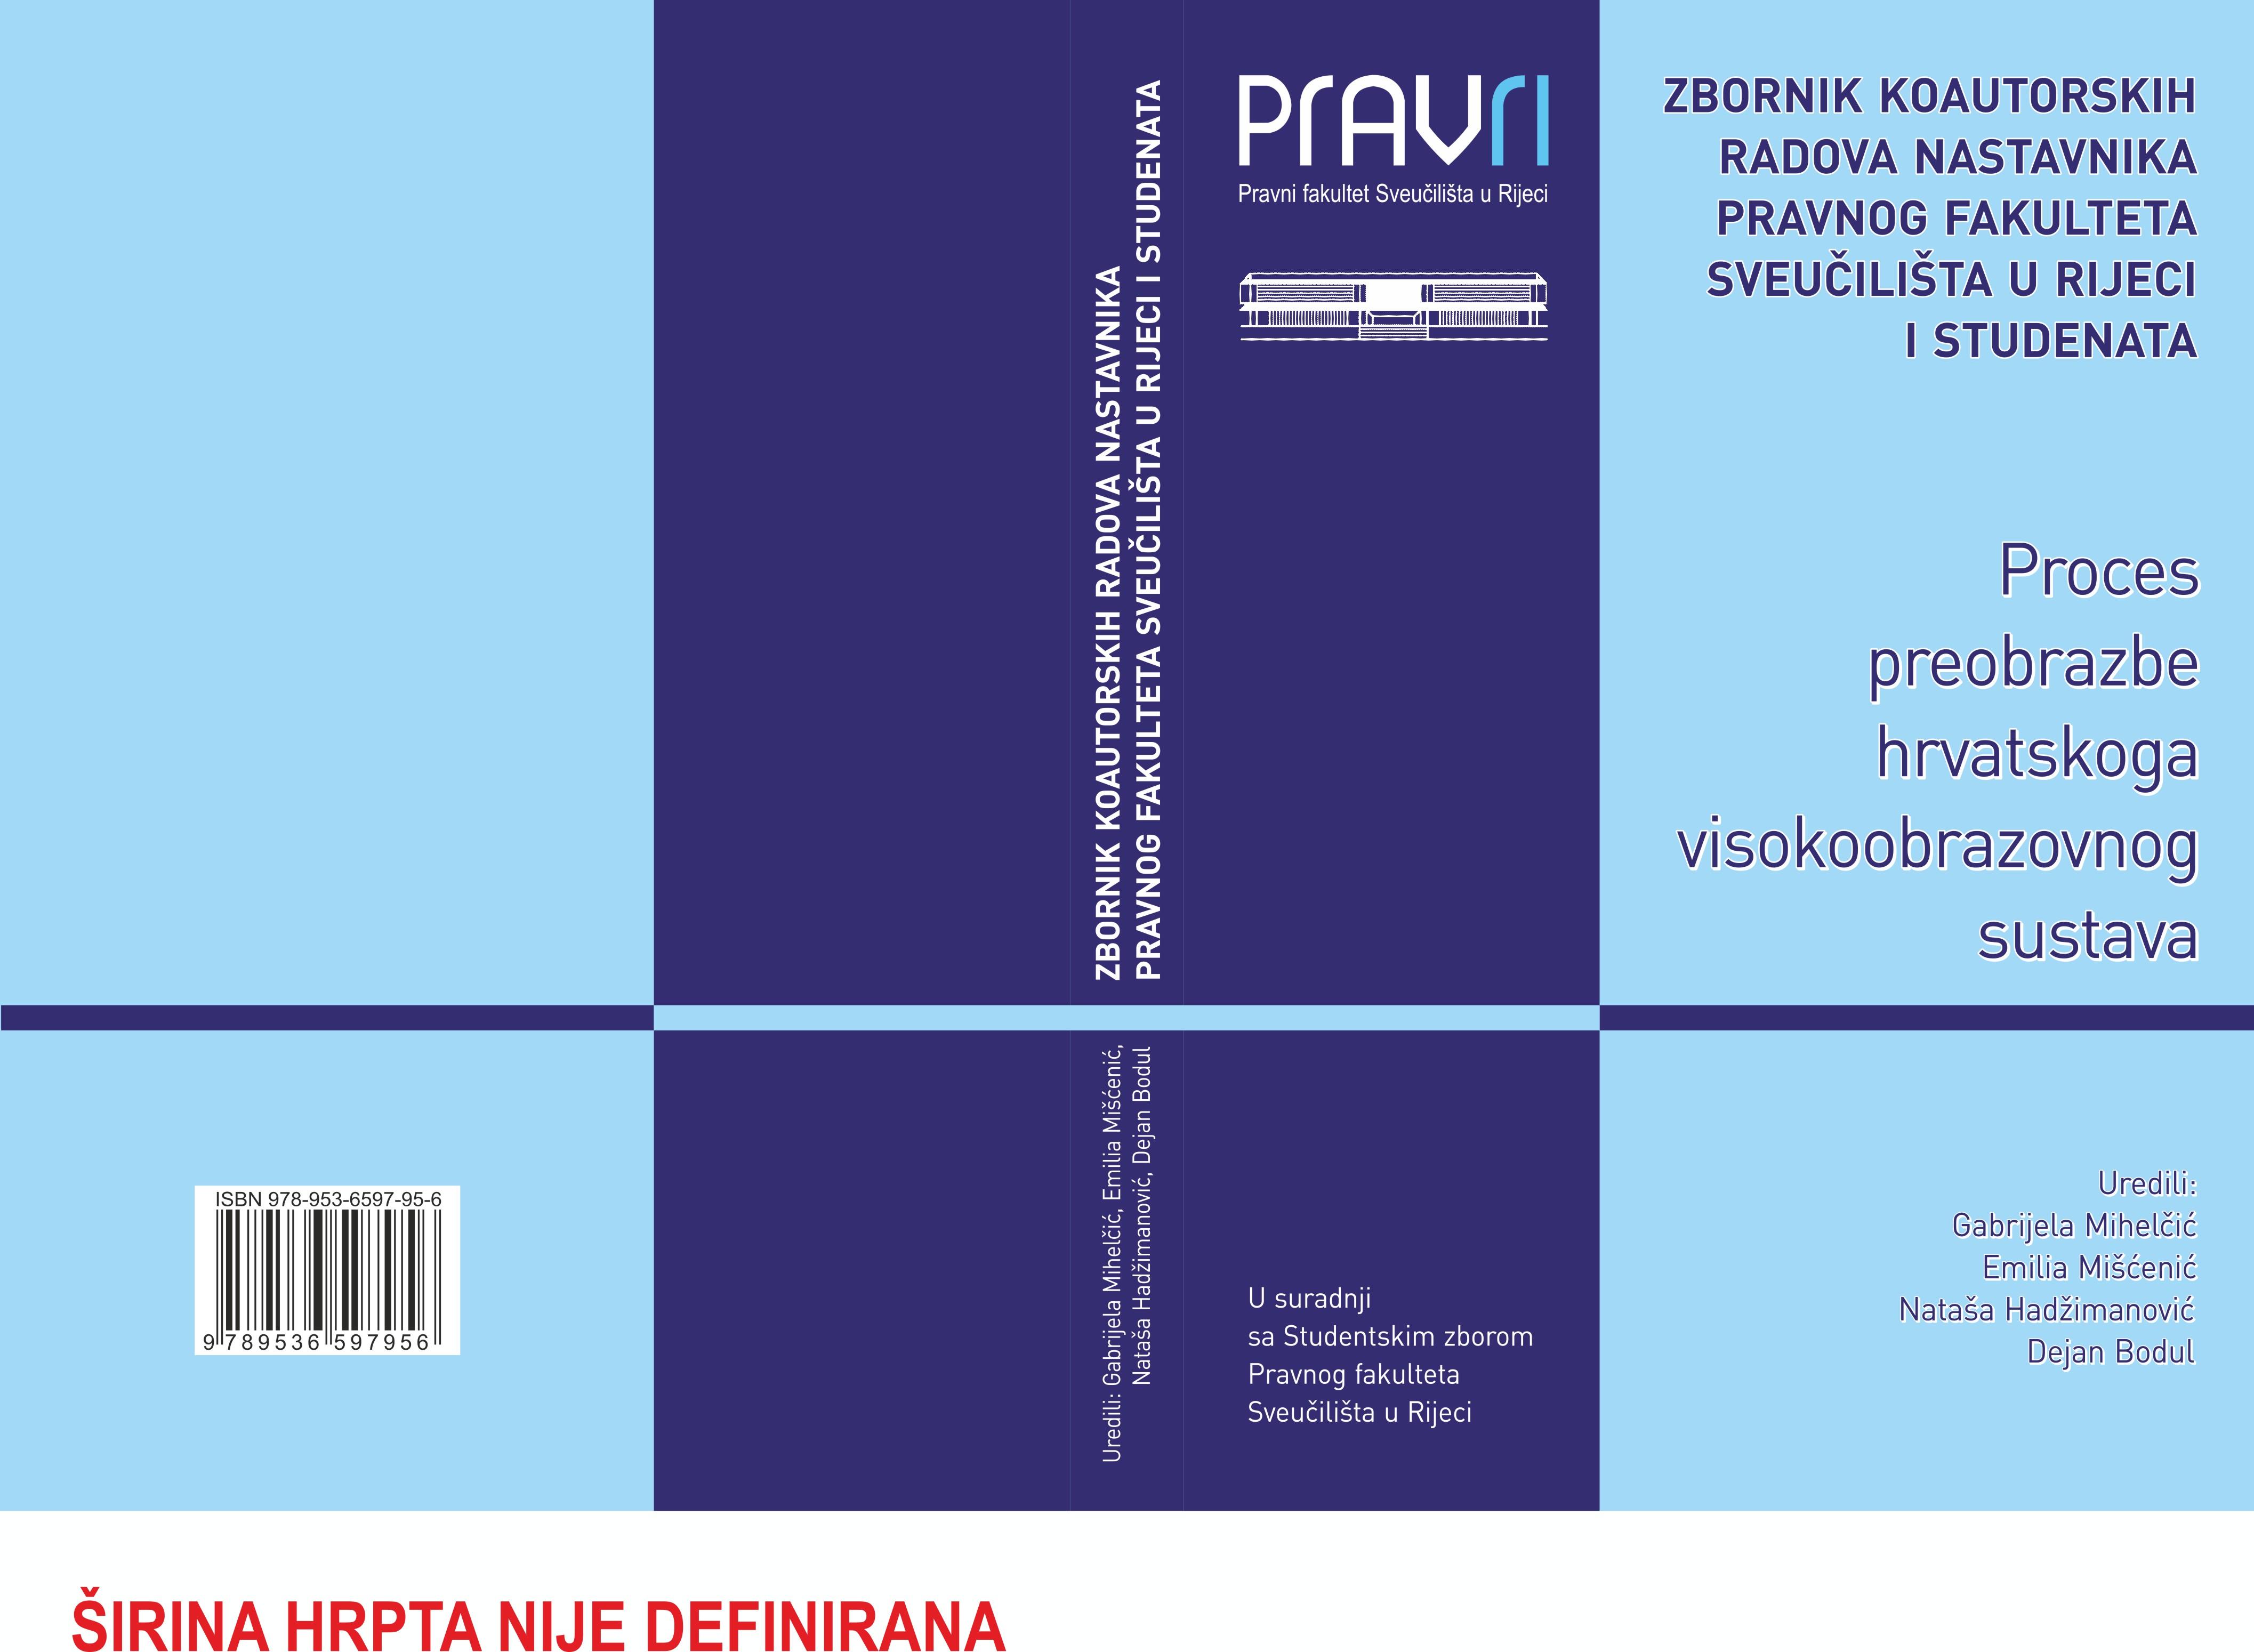 Zbornik - PROCES PREOBRAZBE HRVATSKOGA VISOKOOBRAZOVNOG SUSTAVA